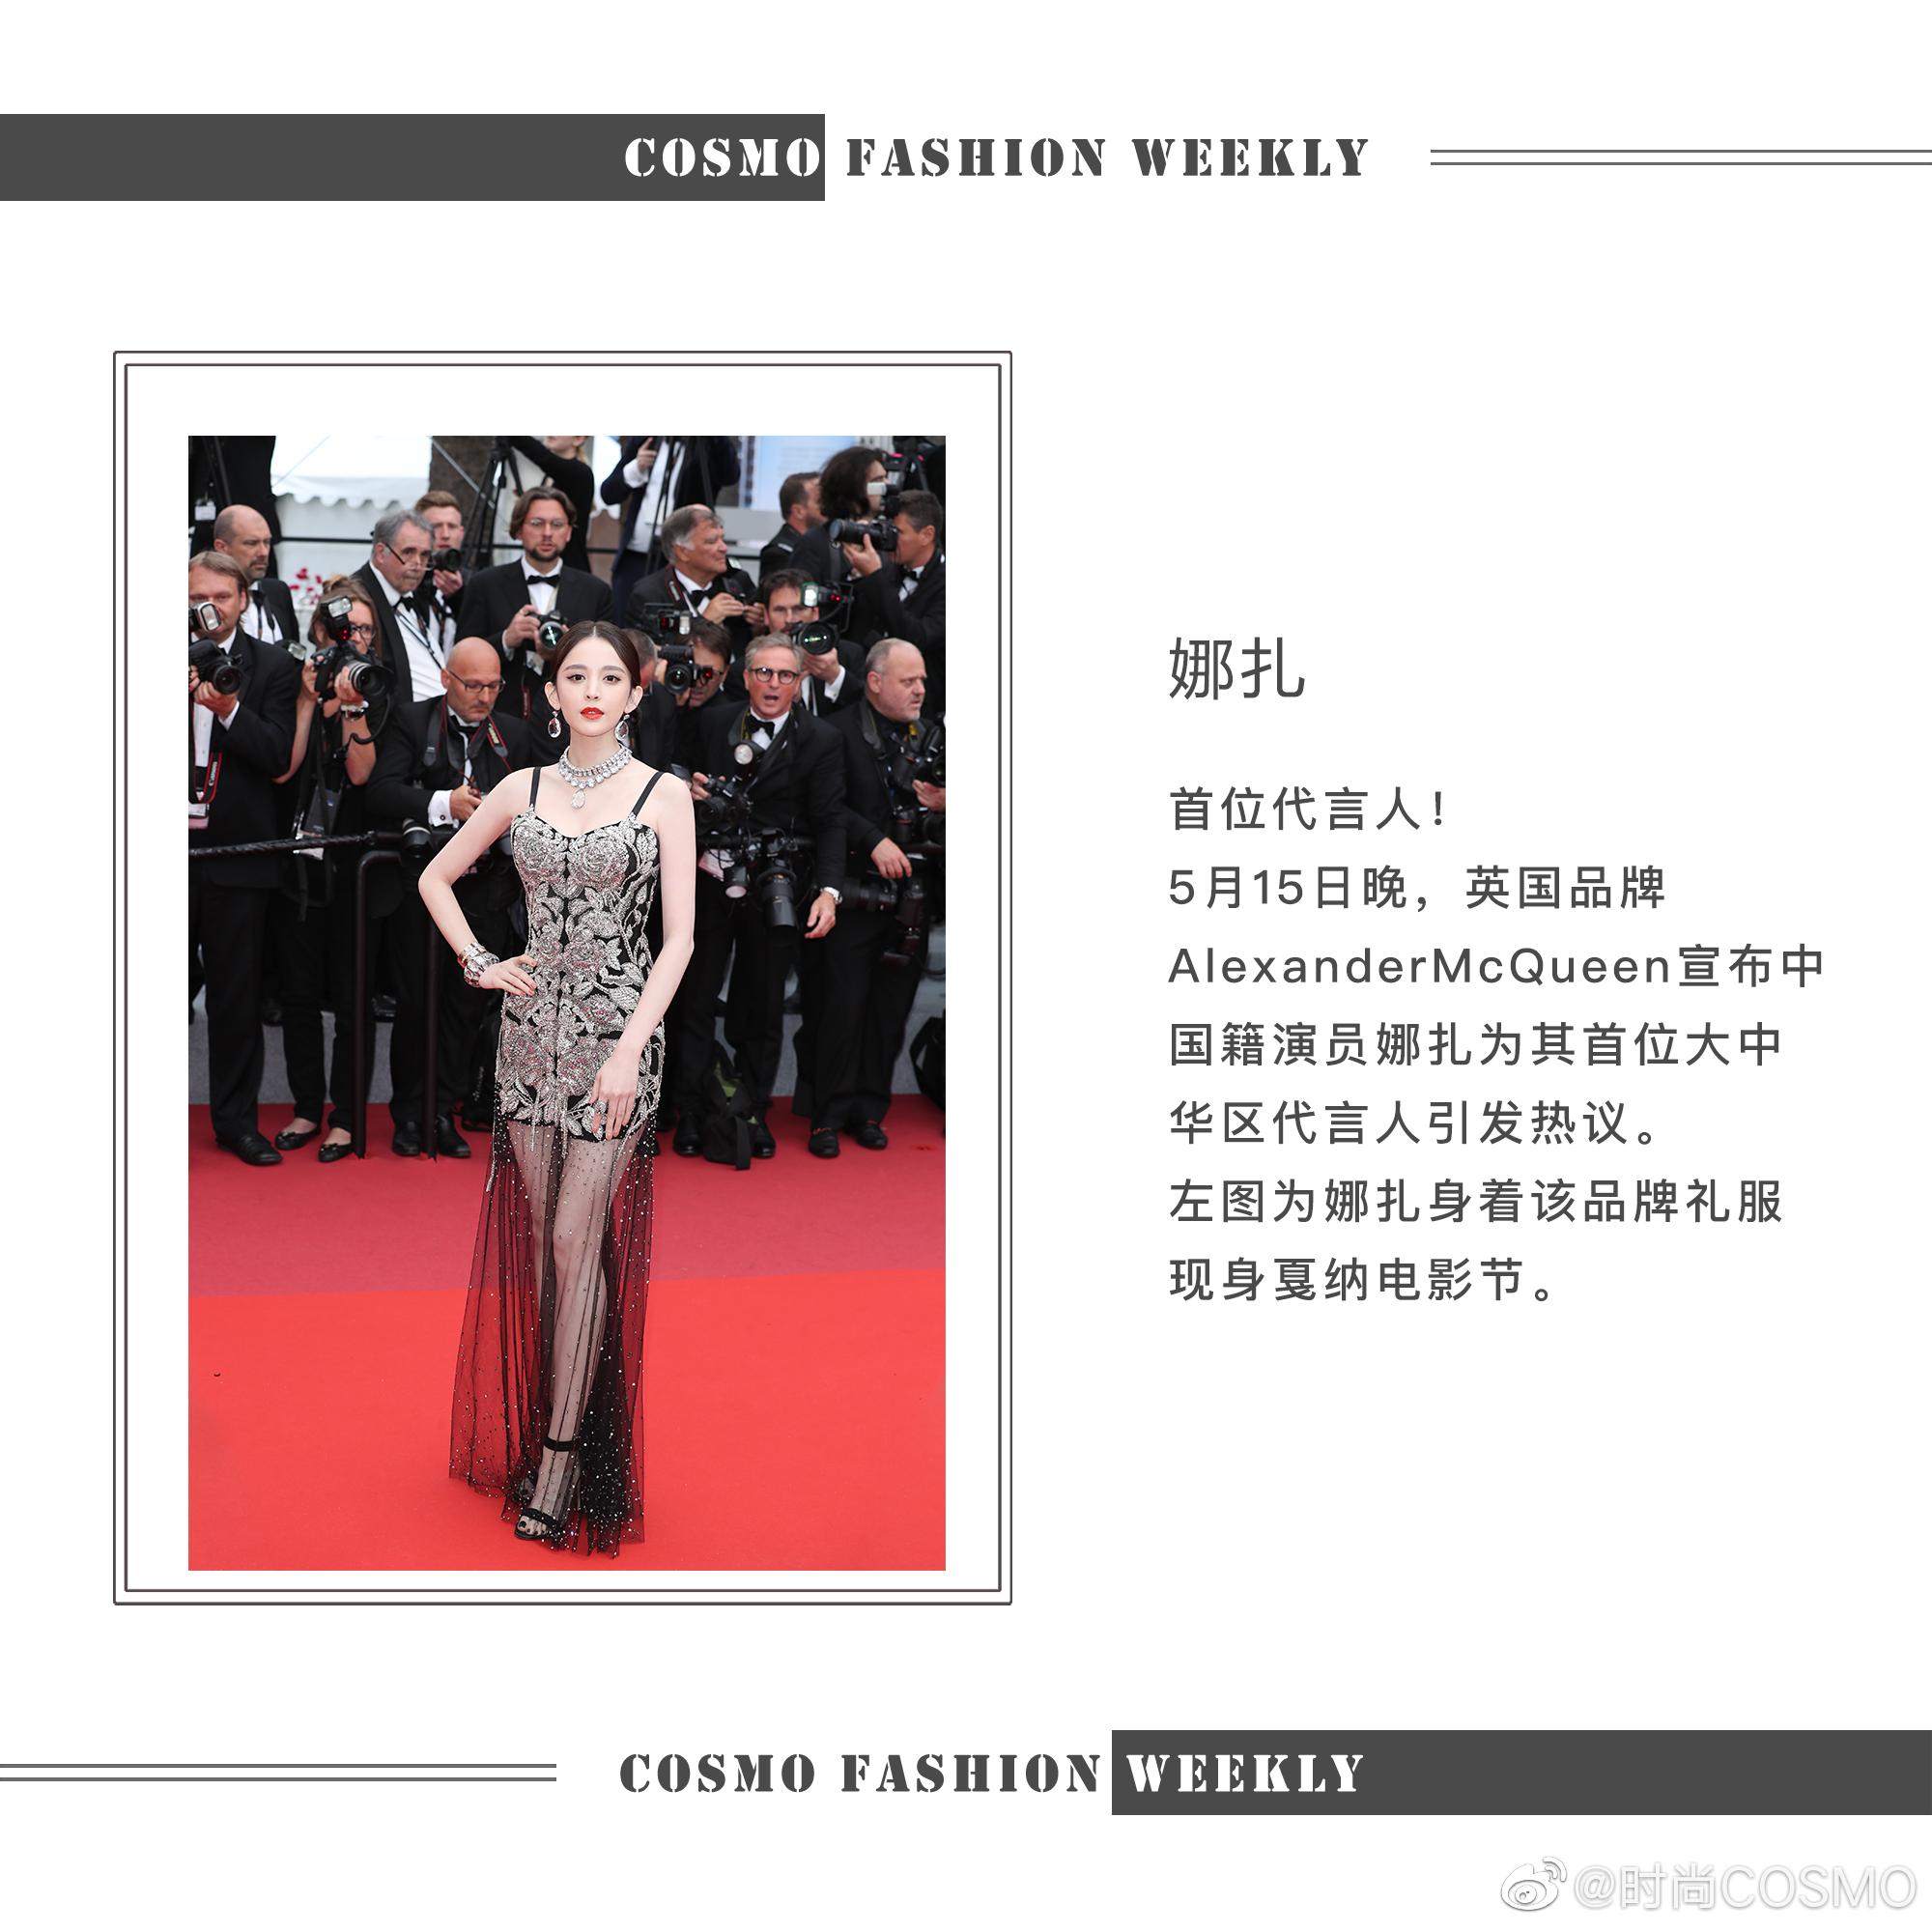 过去的一周,全球时尚名人都有哪些动态戛纳红毯超热闹